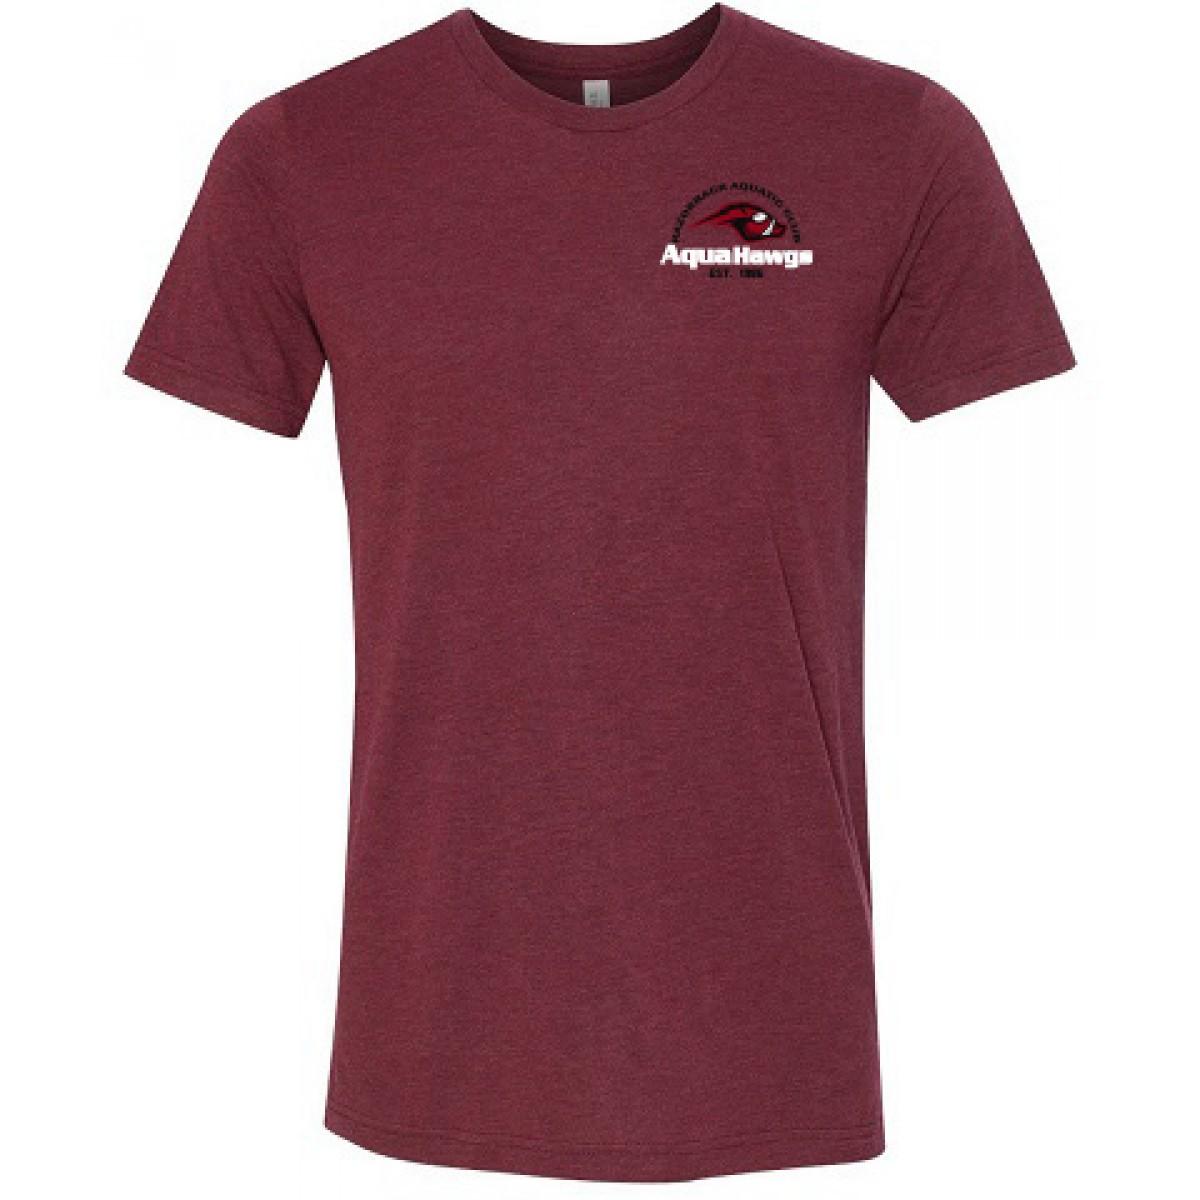 Bella+Canvas Unisex Short Sleeve Jersey T-Shirt-Cardinal Red-S